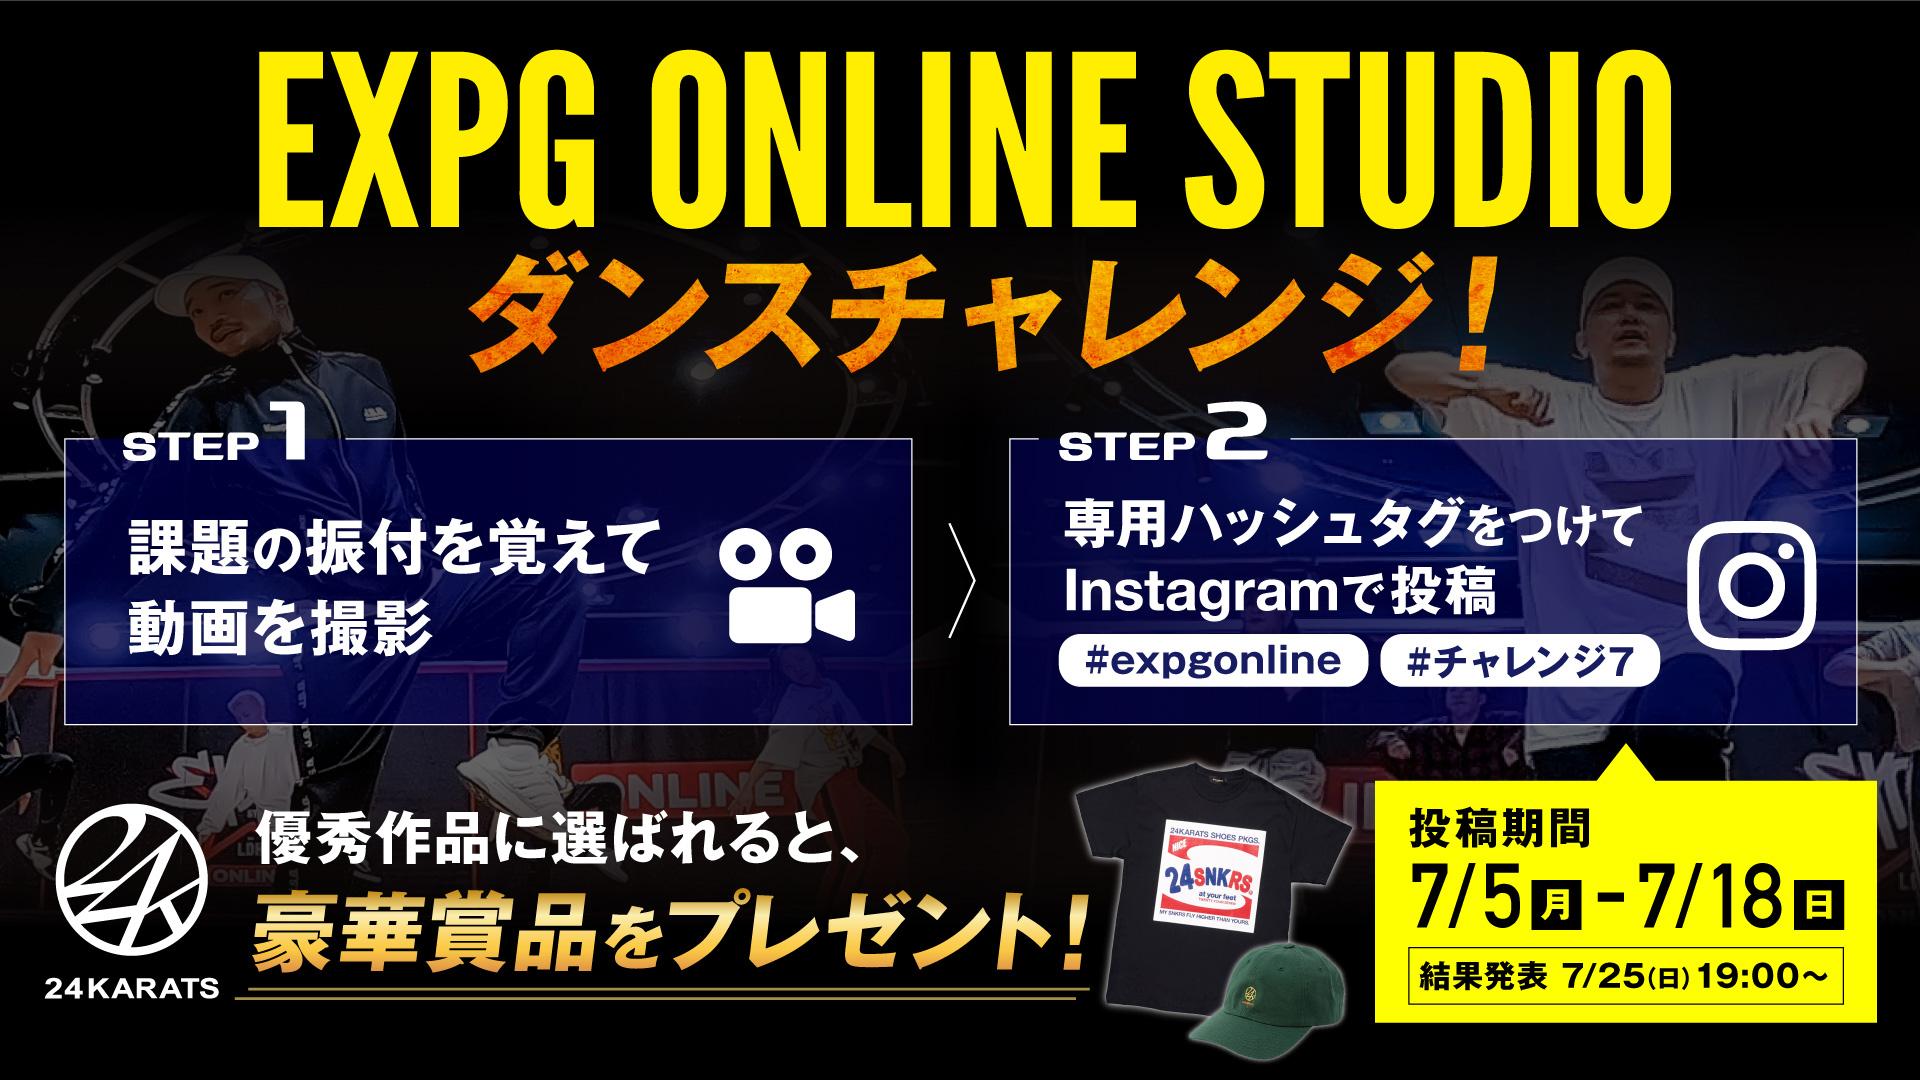 ☆EXPG ONLINE STUDIO ダンスチャレンジ開催☆